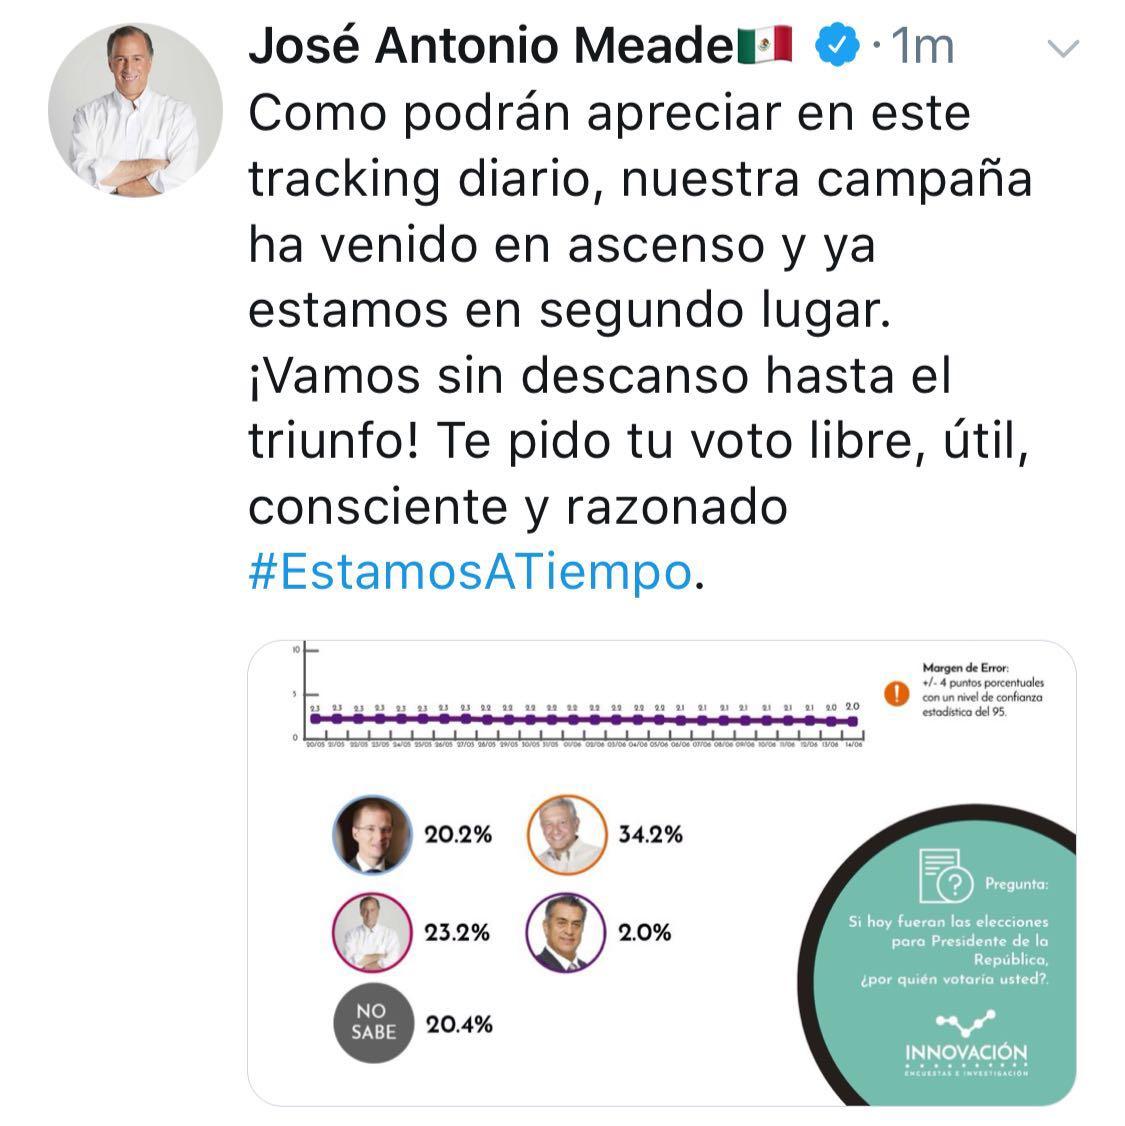 JOSÉ ANTONIO MEADE SE COLOCA EN SEGUNDO LUGAR Y LLAMA AL VOTO LIBRE, CONSCIENTE, ÚTIL Y RAZONADO